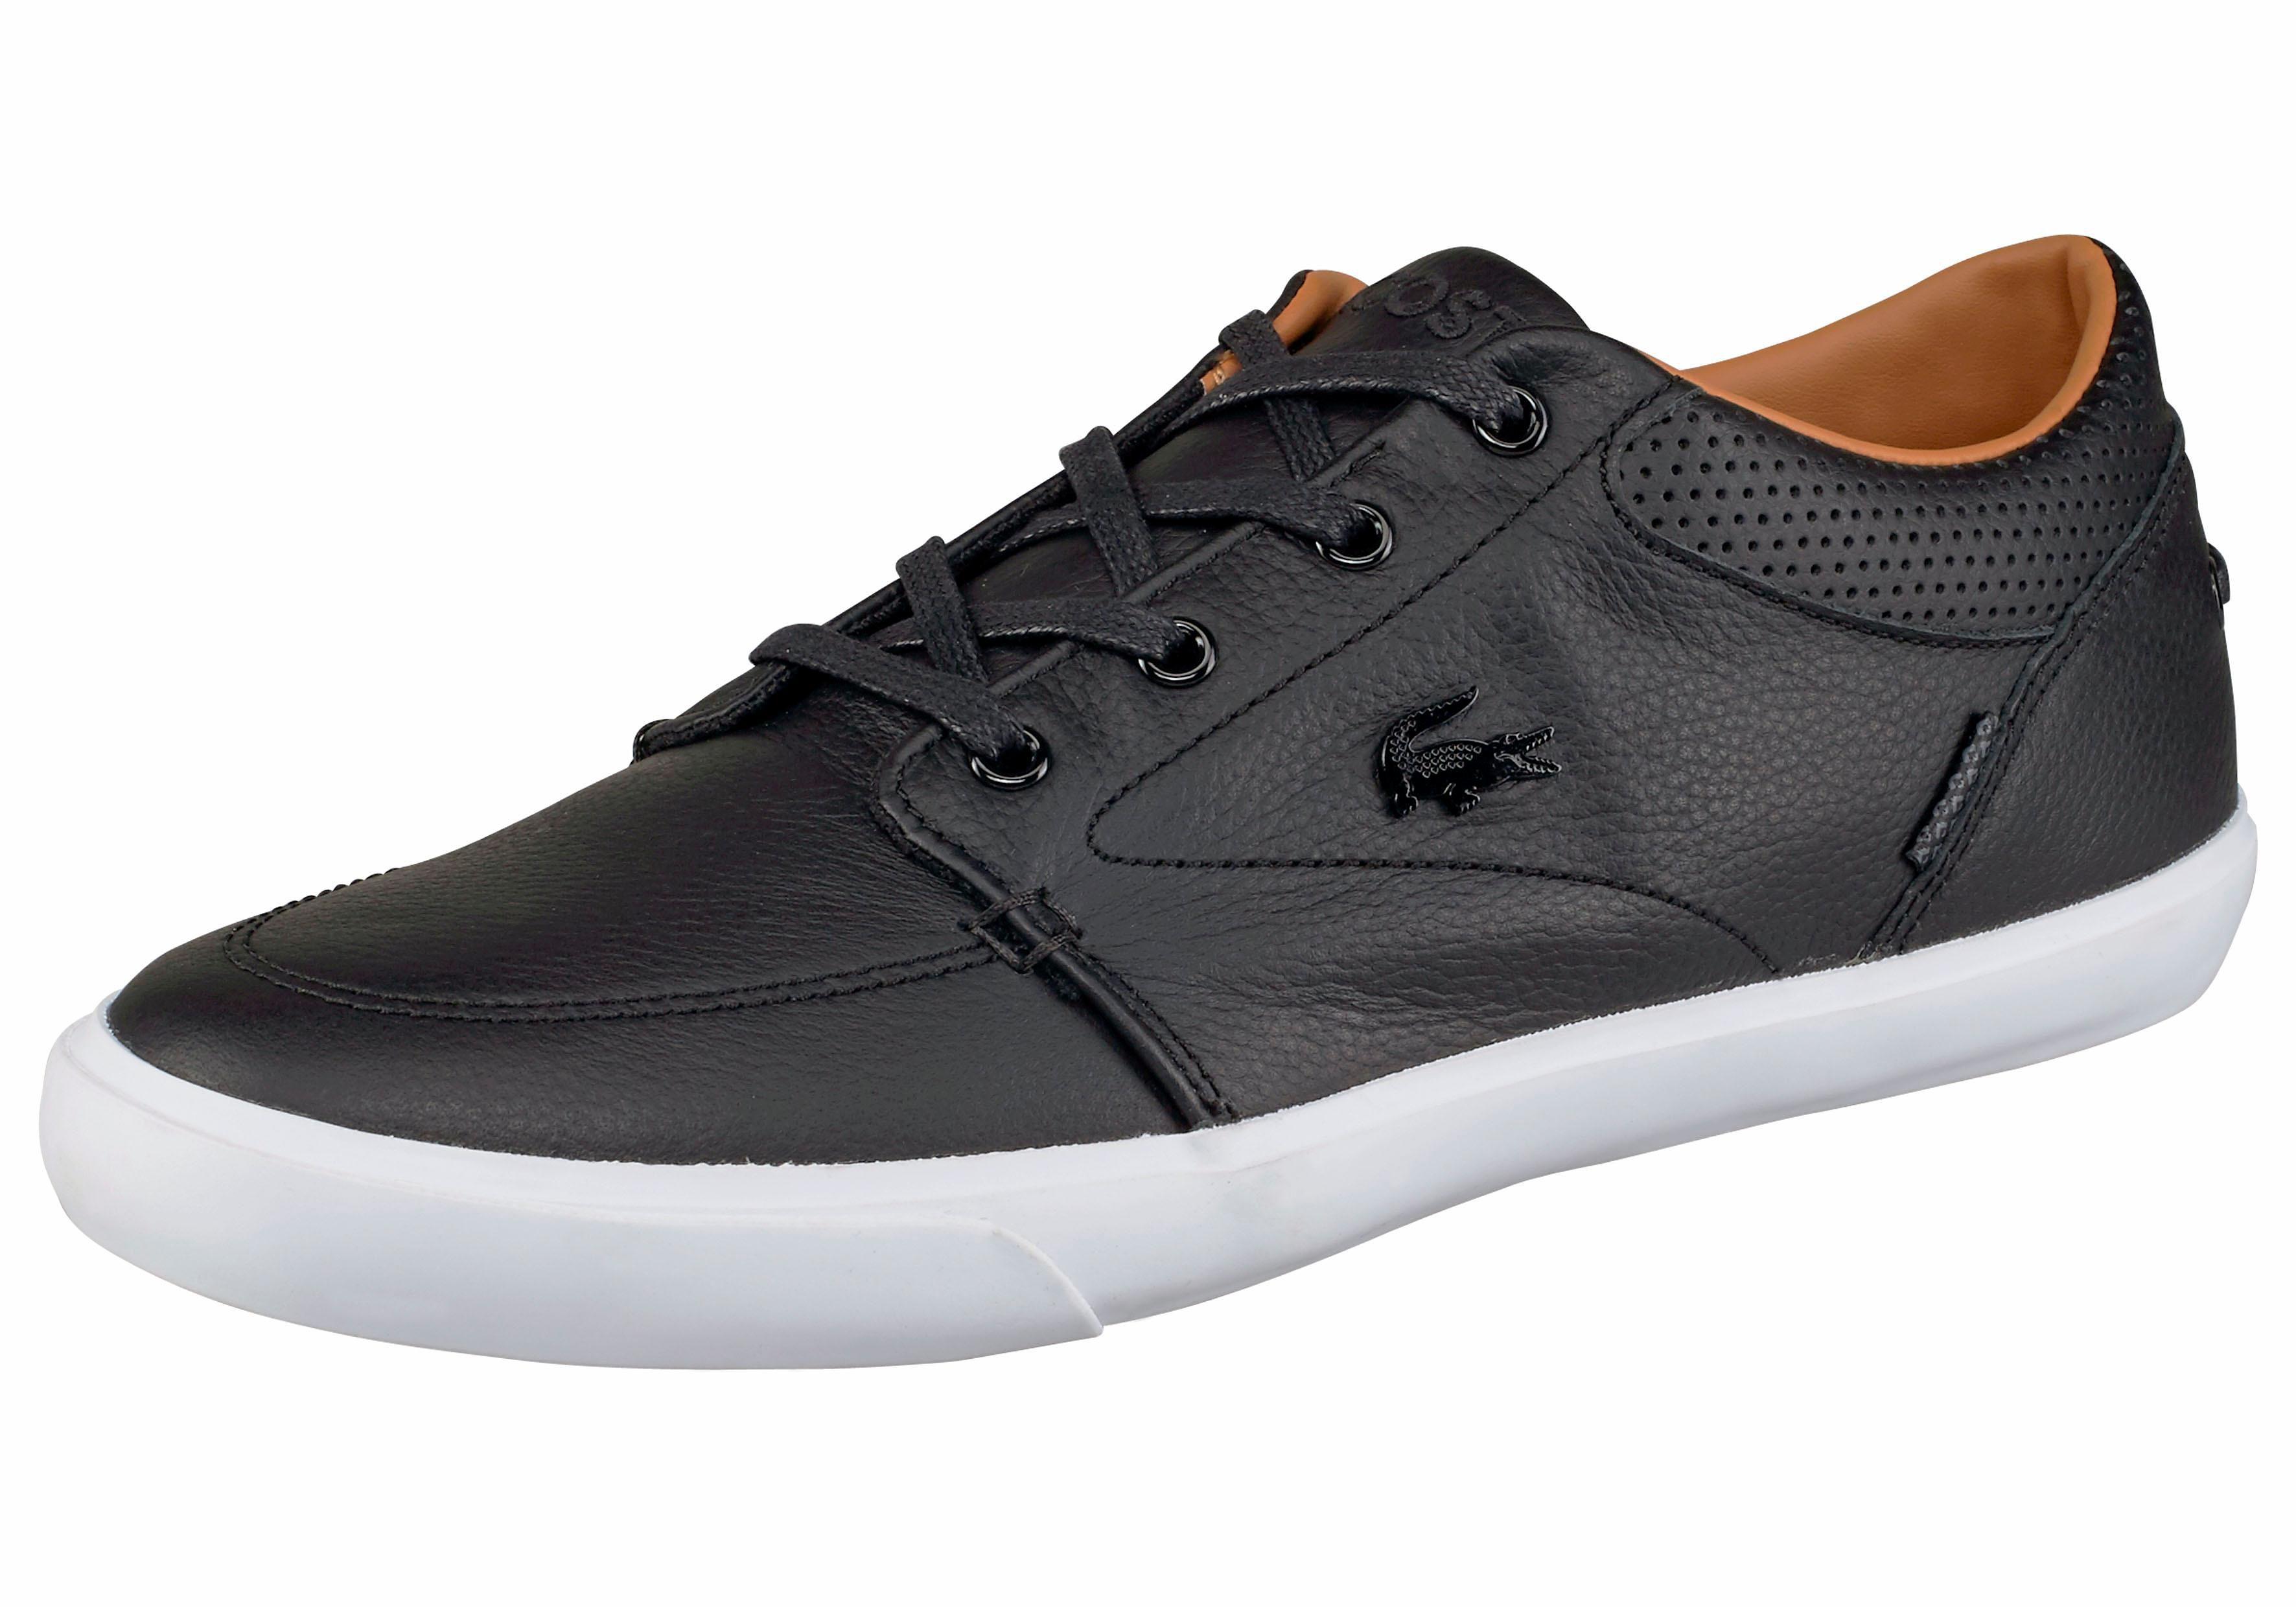 Chaussures Lacoste Noir À 46,5 Pour Les Hommes